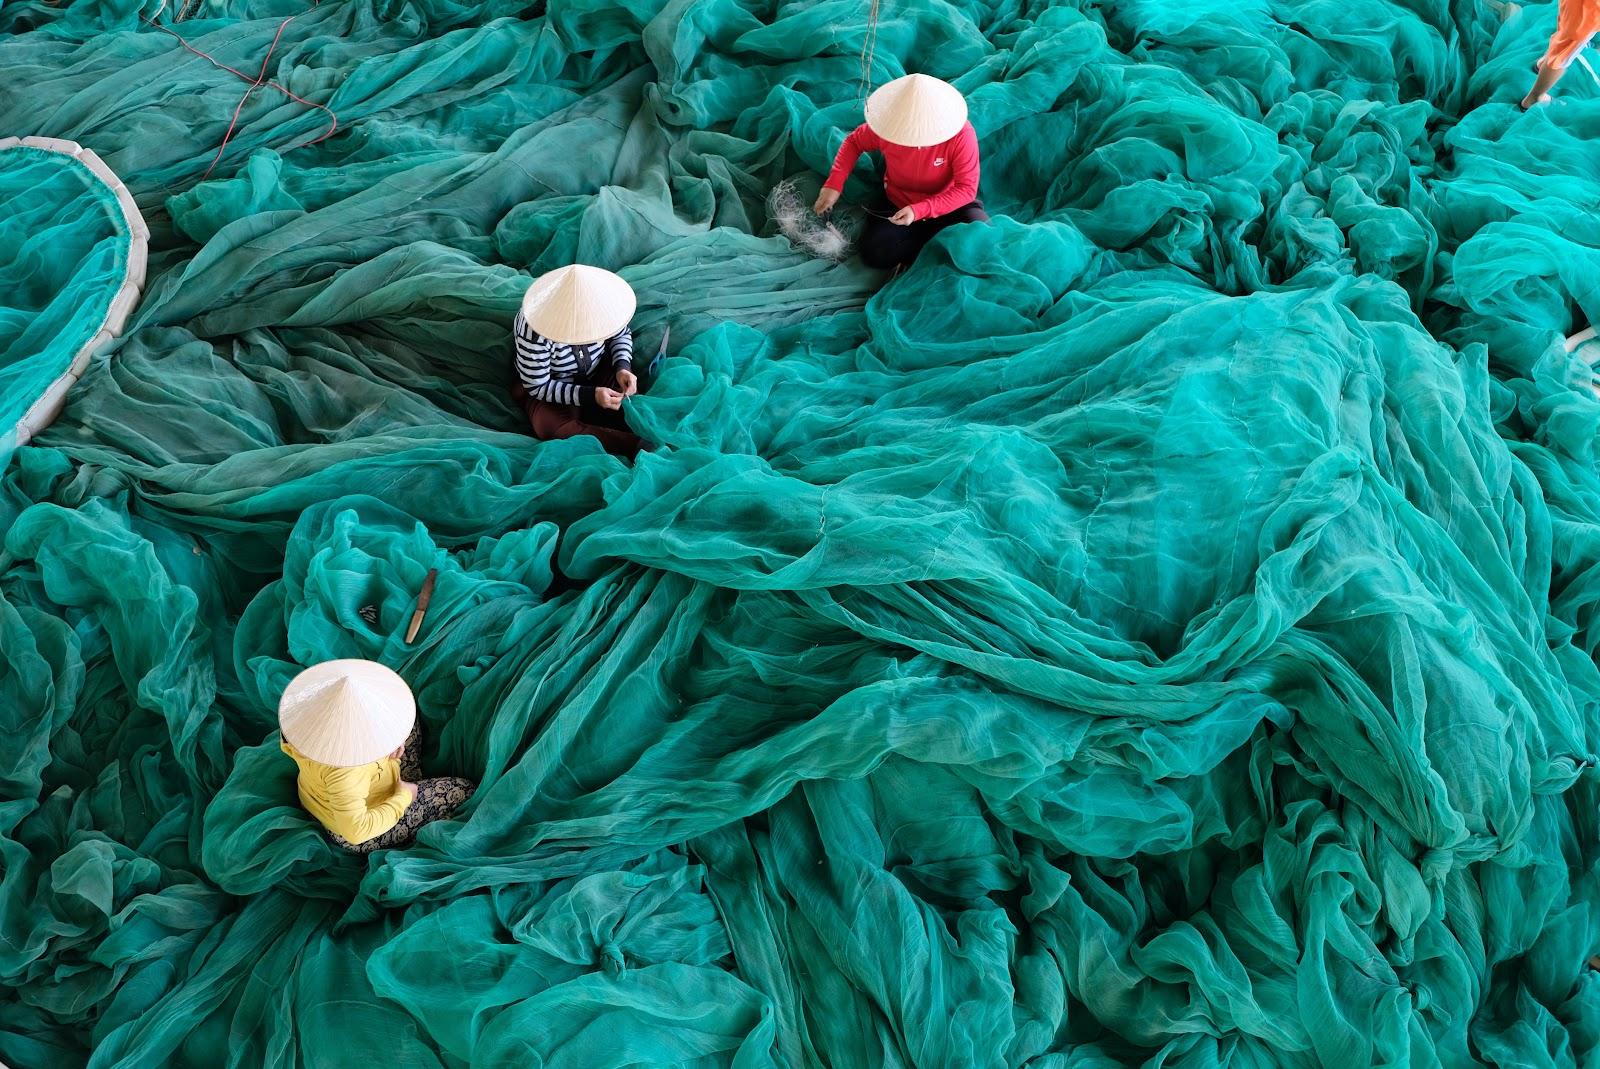 דייגים סיניים עם רשתות עצומות